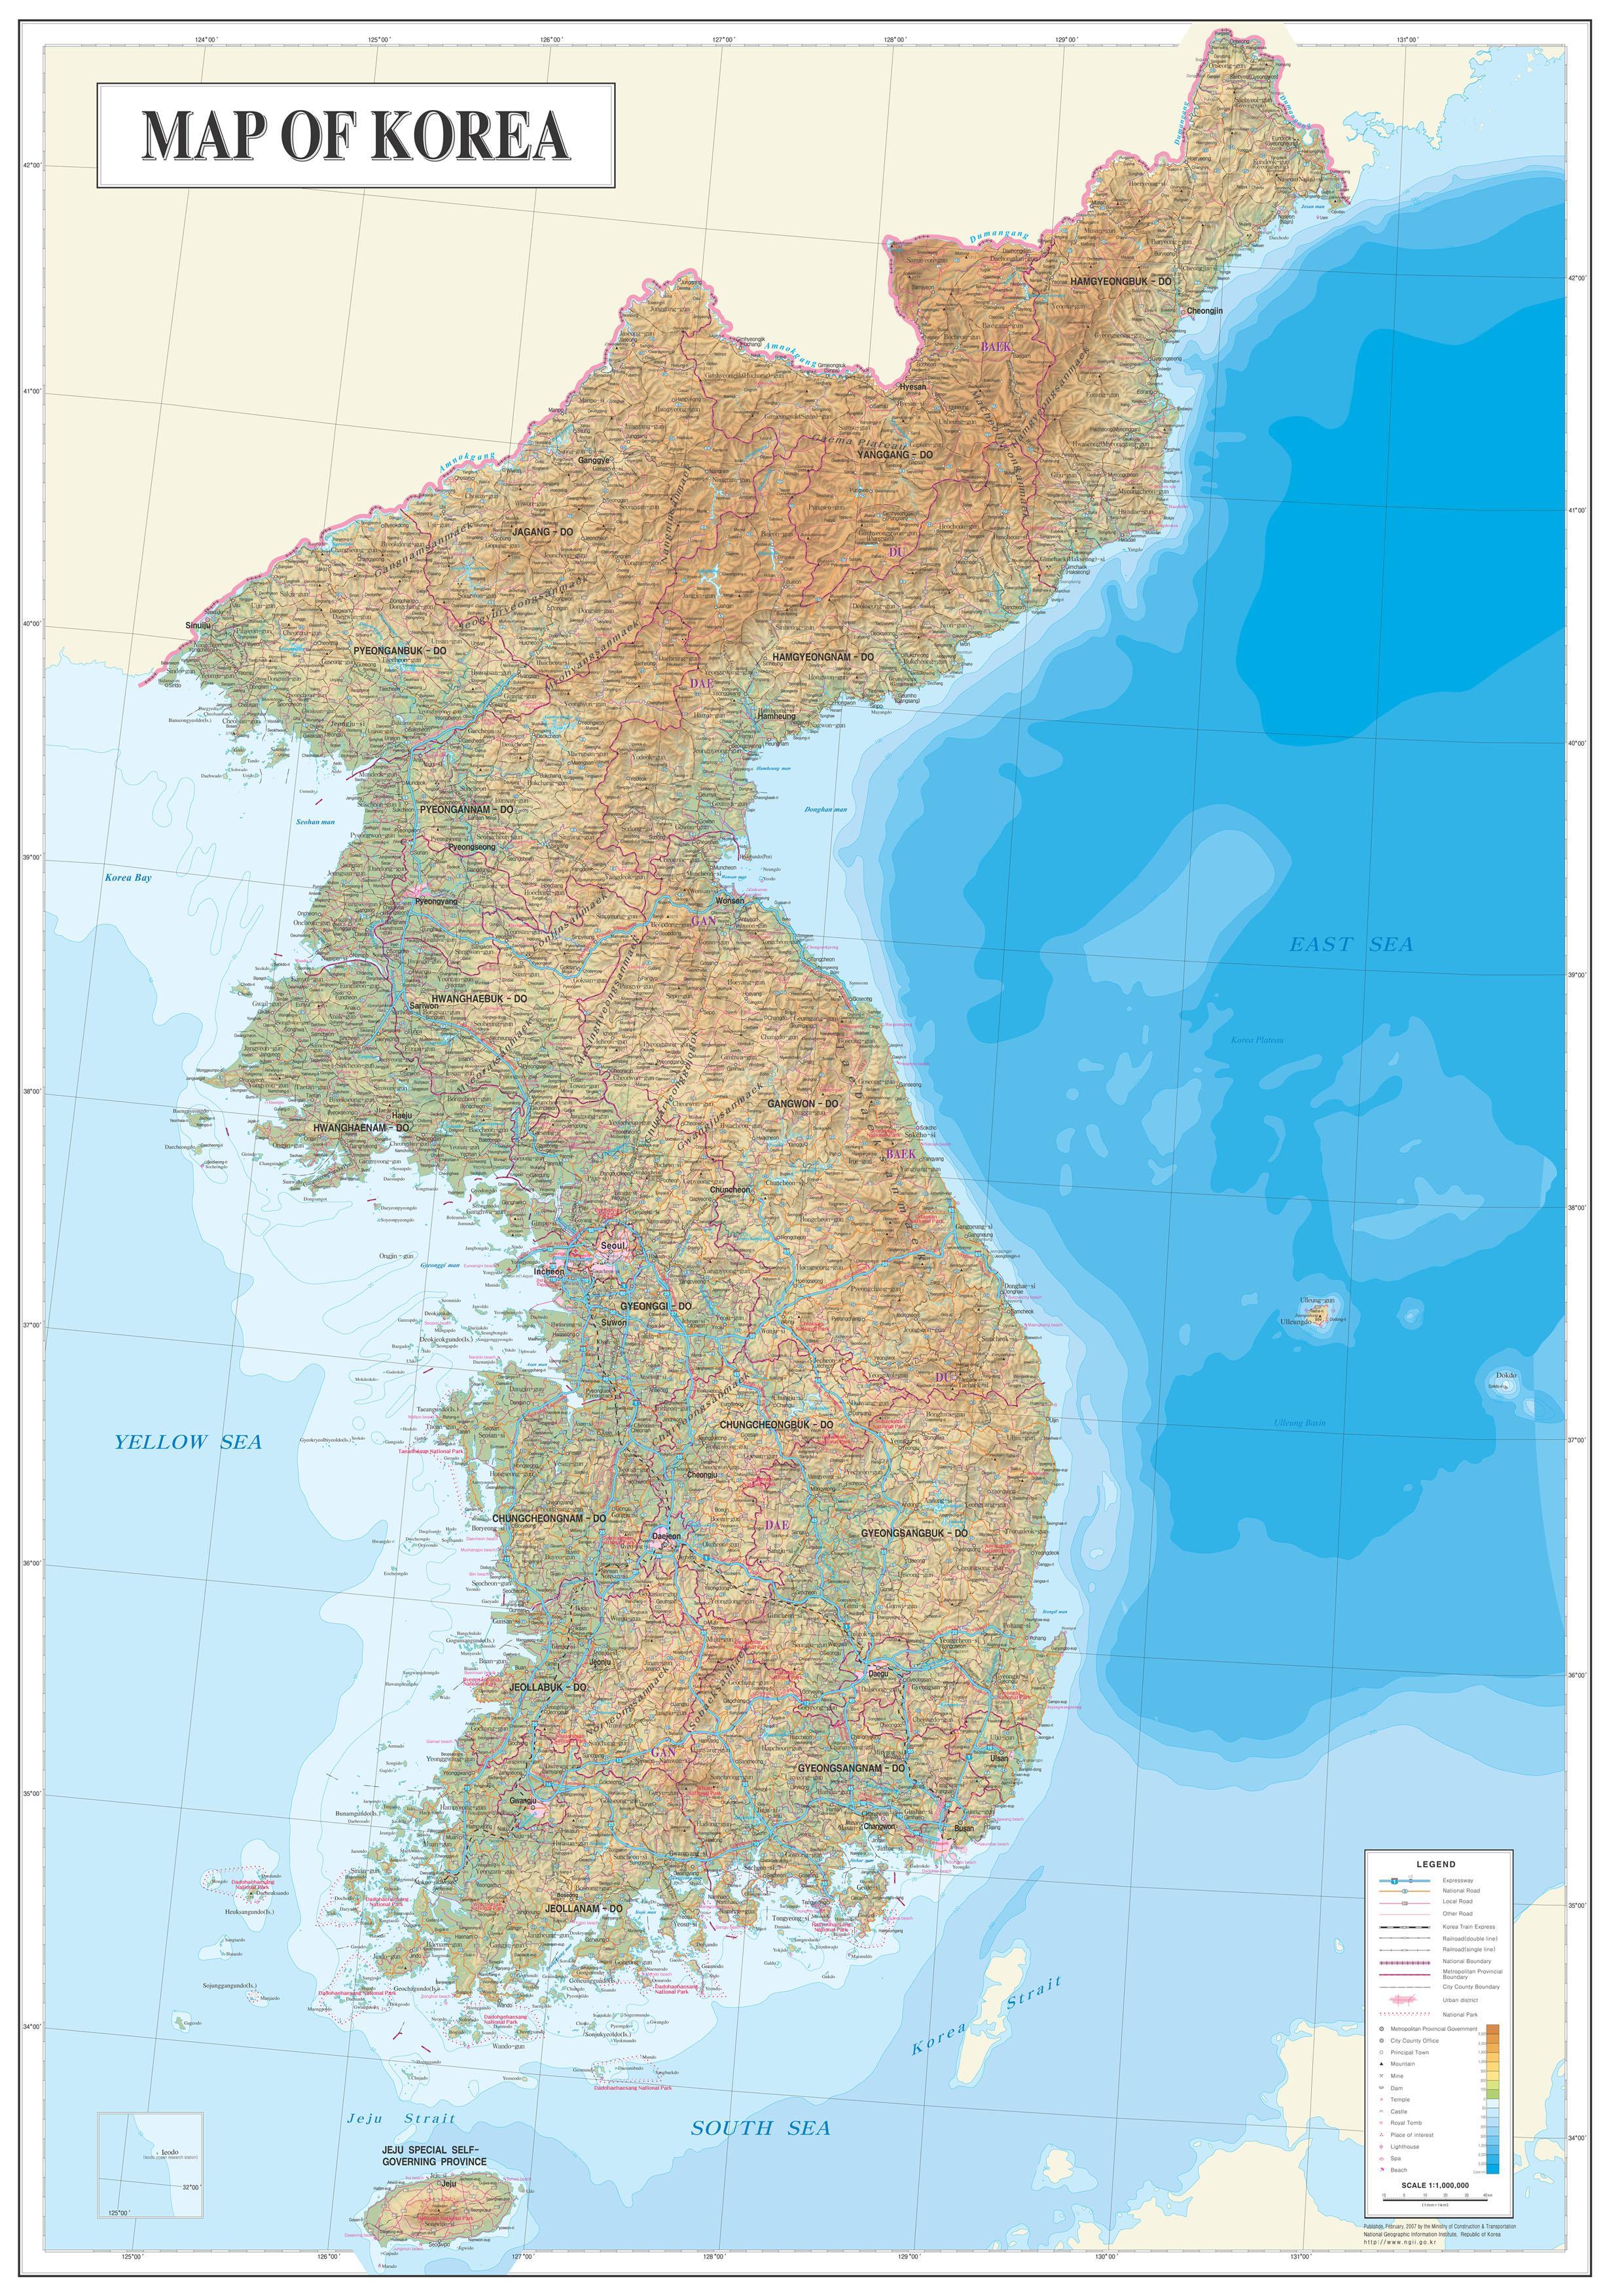 Maps of Korea and Korean Cities | Koreabridge